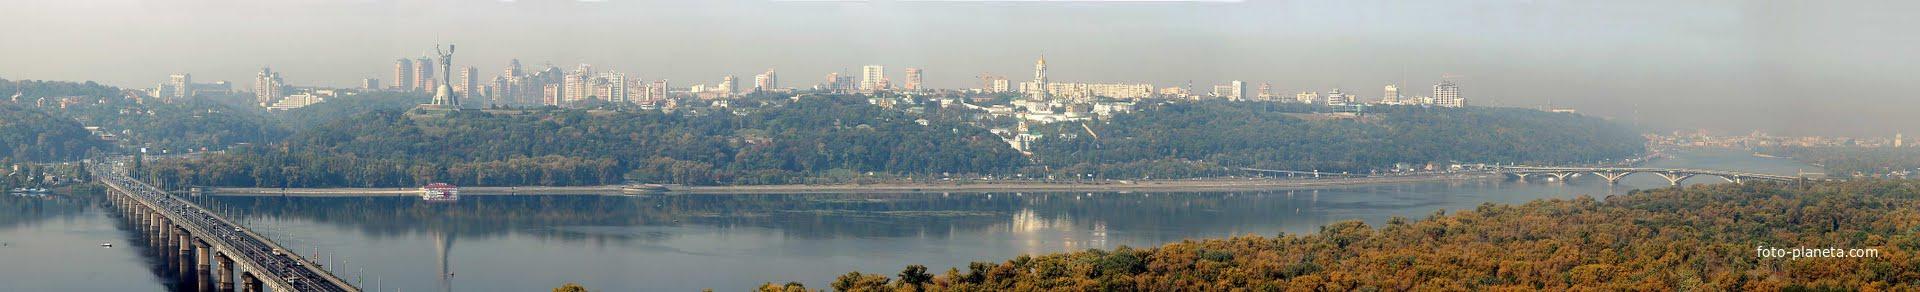 Панорама. Вид с левого берега. Мост Патона. Лавра.